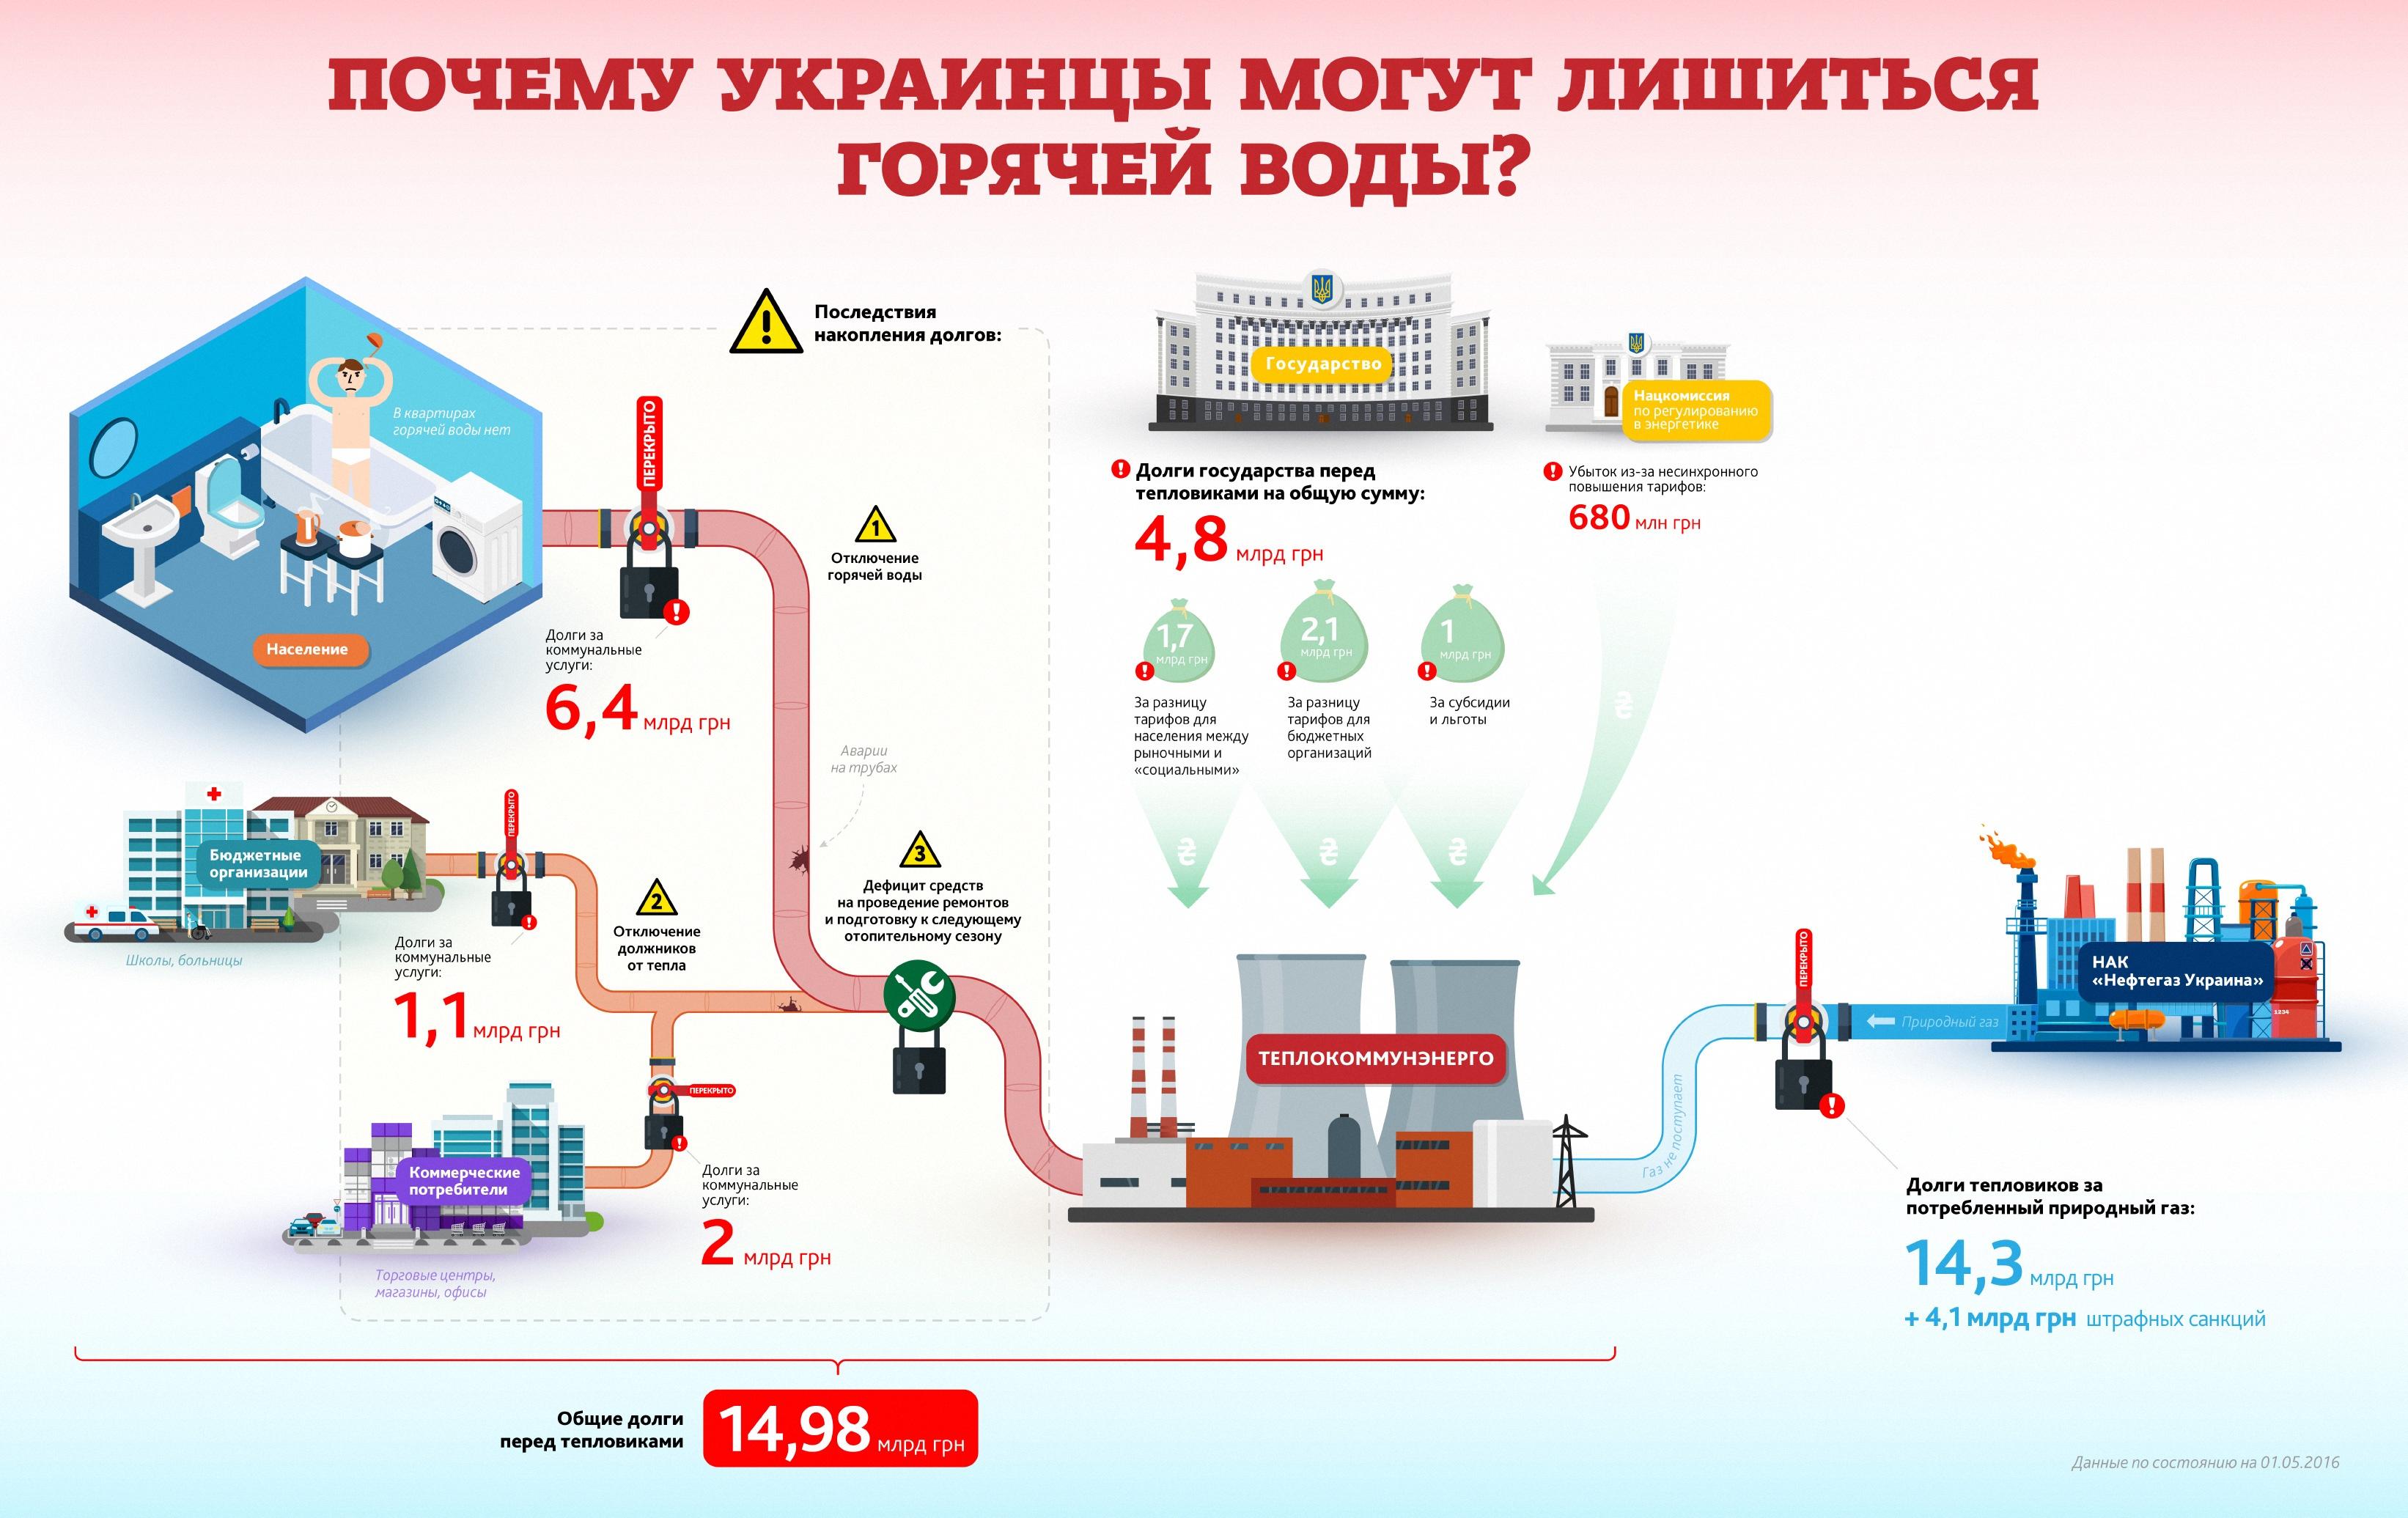 Долги, аресты и новые тарифы: почему украинцы могут остаться без горячей воды (инфографика)